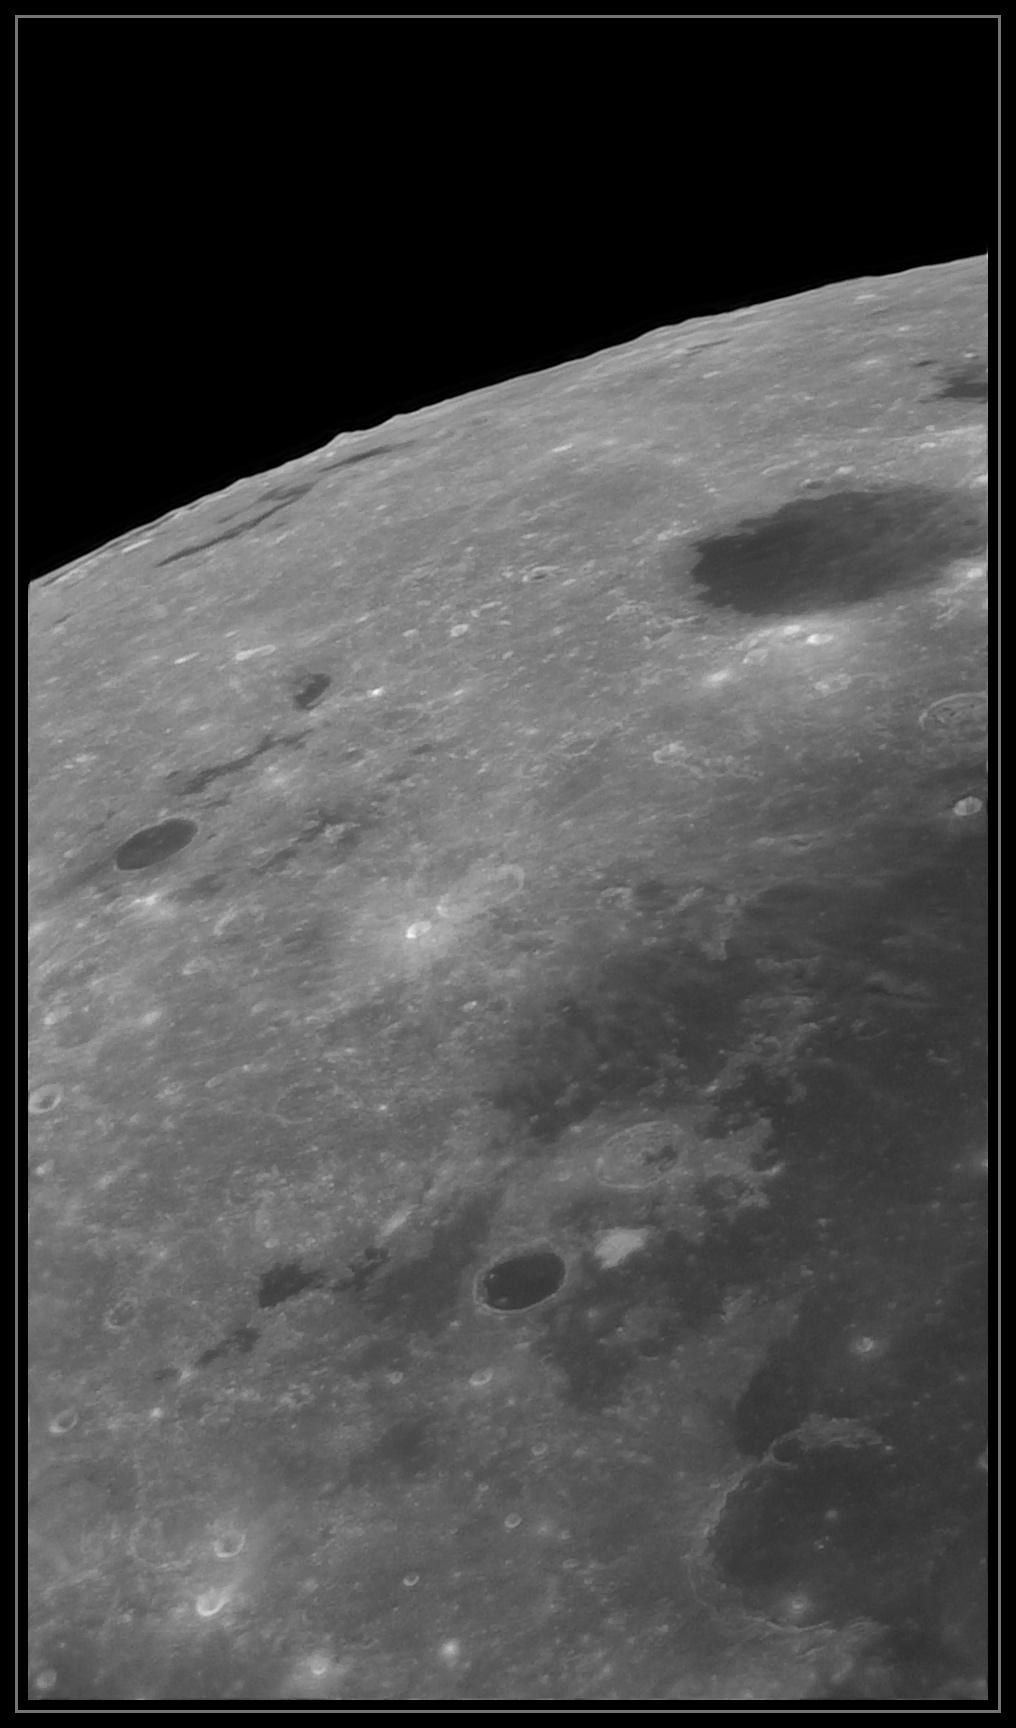 5e22211d53551_Moon_053430_150120_ZWOASI290MM_IR_742nm_AS_P35_lapl6_ap672.jpg.9ce2ead2a43d8b15762f4e9c95752c1a.jpg